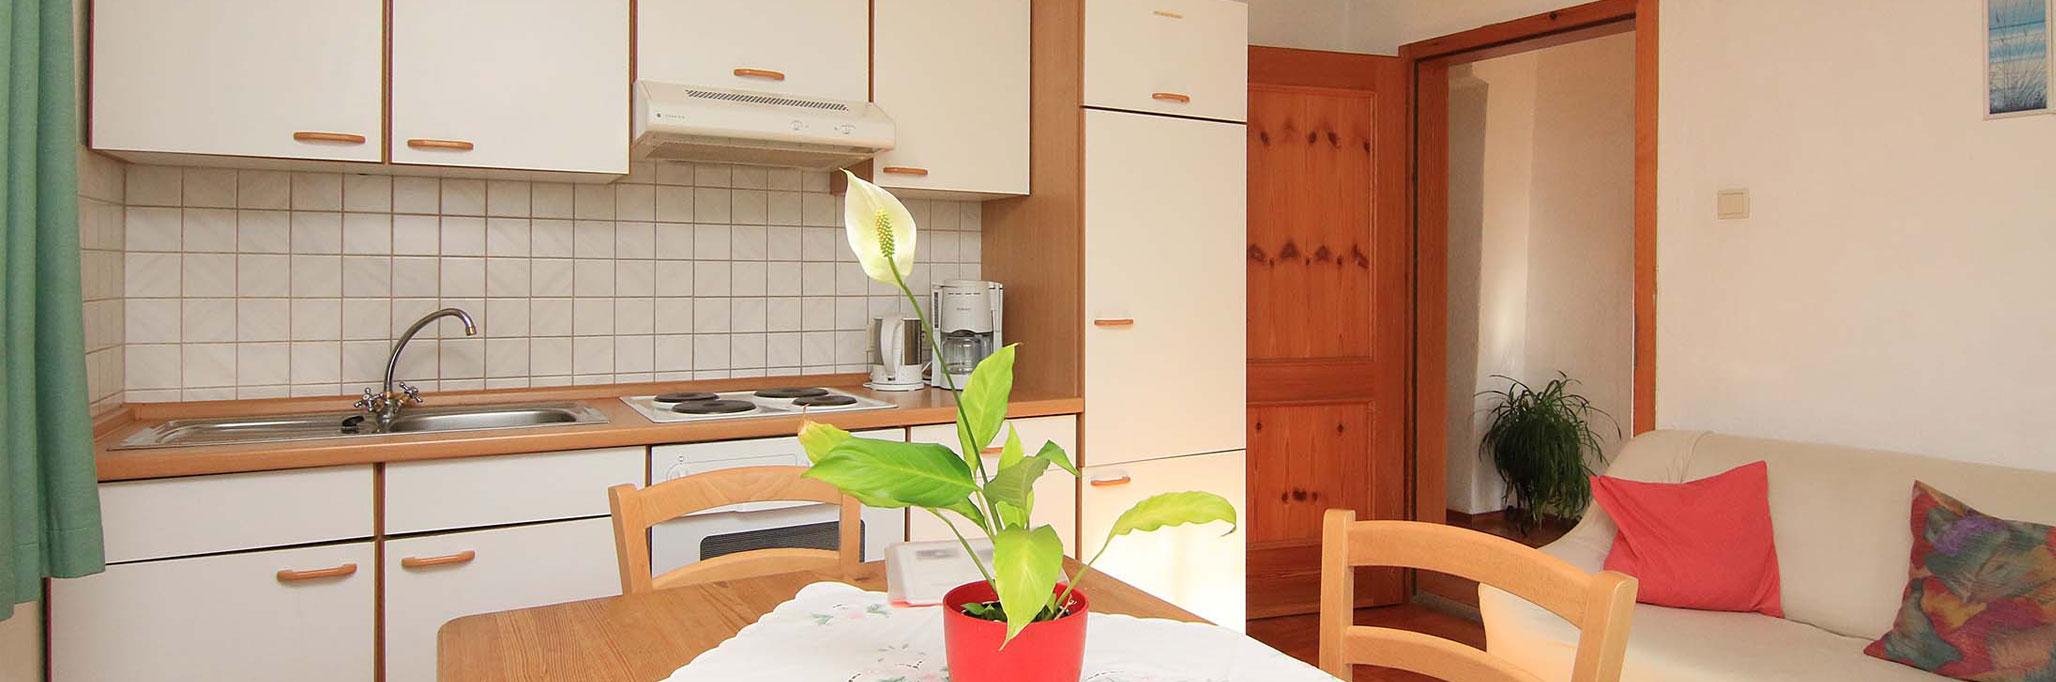 ferienwohnung 70 qm haus mitterbarmstein ferienwohnungen brandner. Black Bedroom Furniture Sets. Home Design Ideas